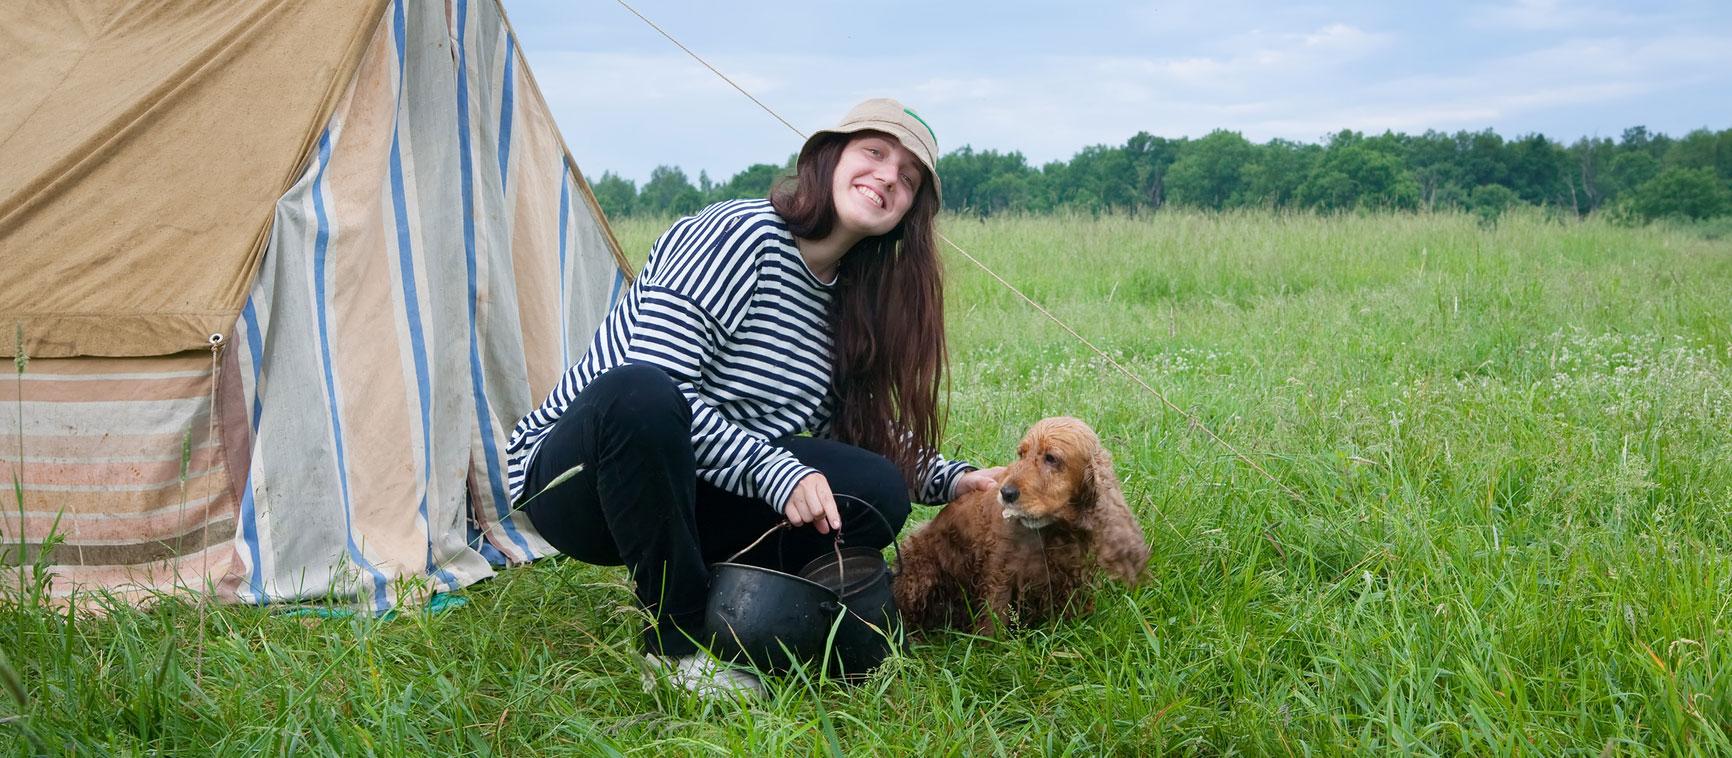 chica italiana con su perro